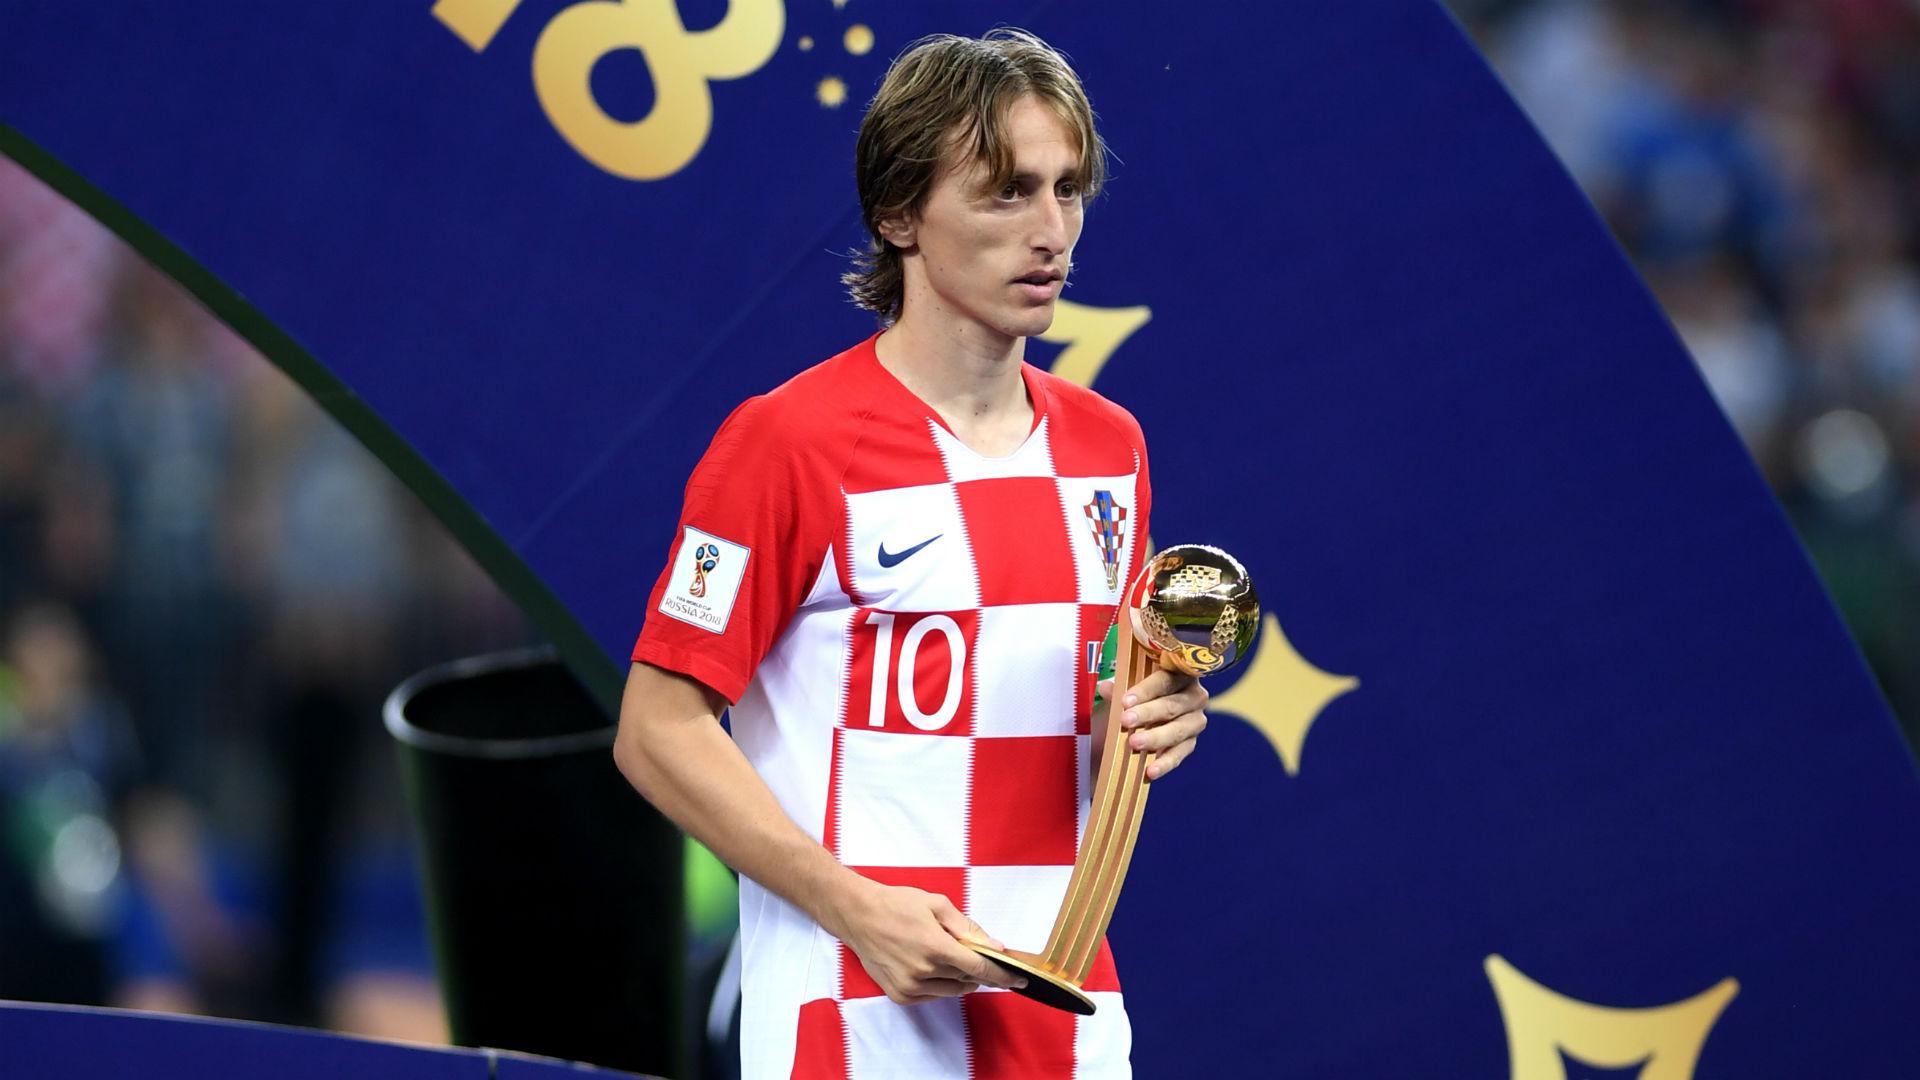 لوكا مودريتش الكرة الذهبية لكأس العالم